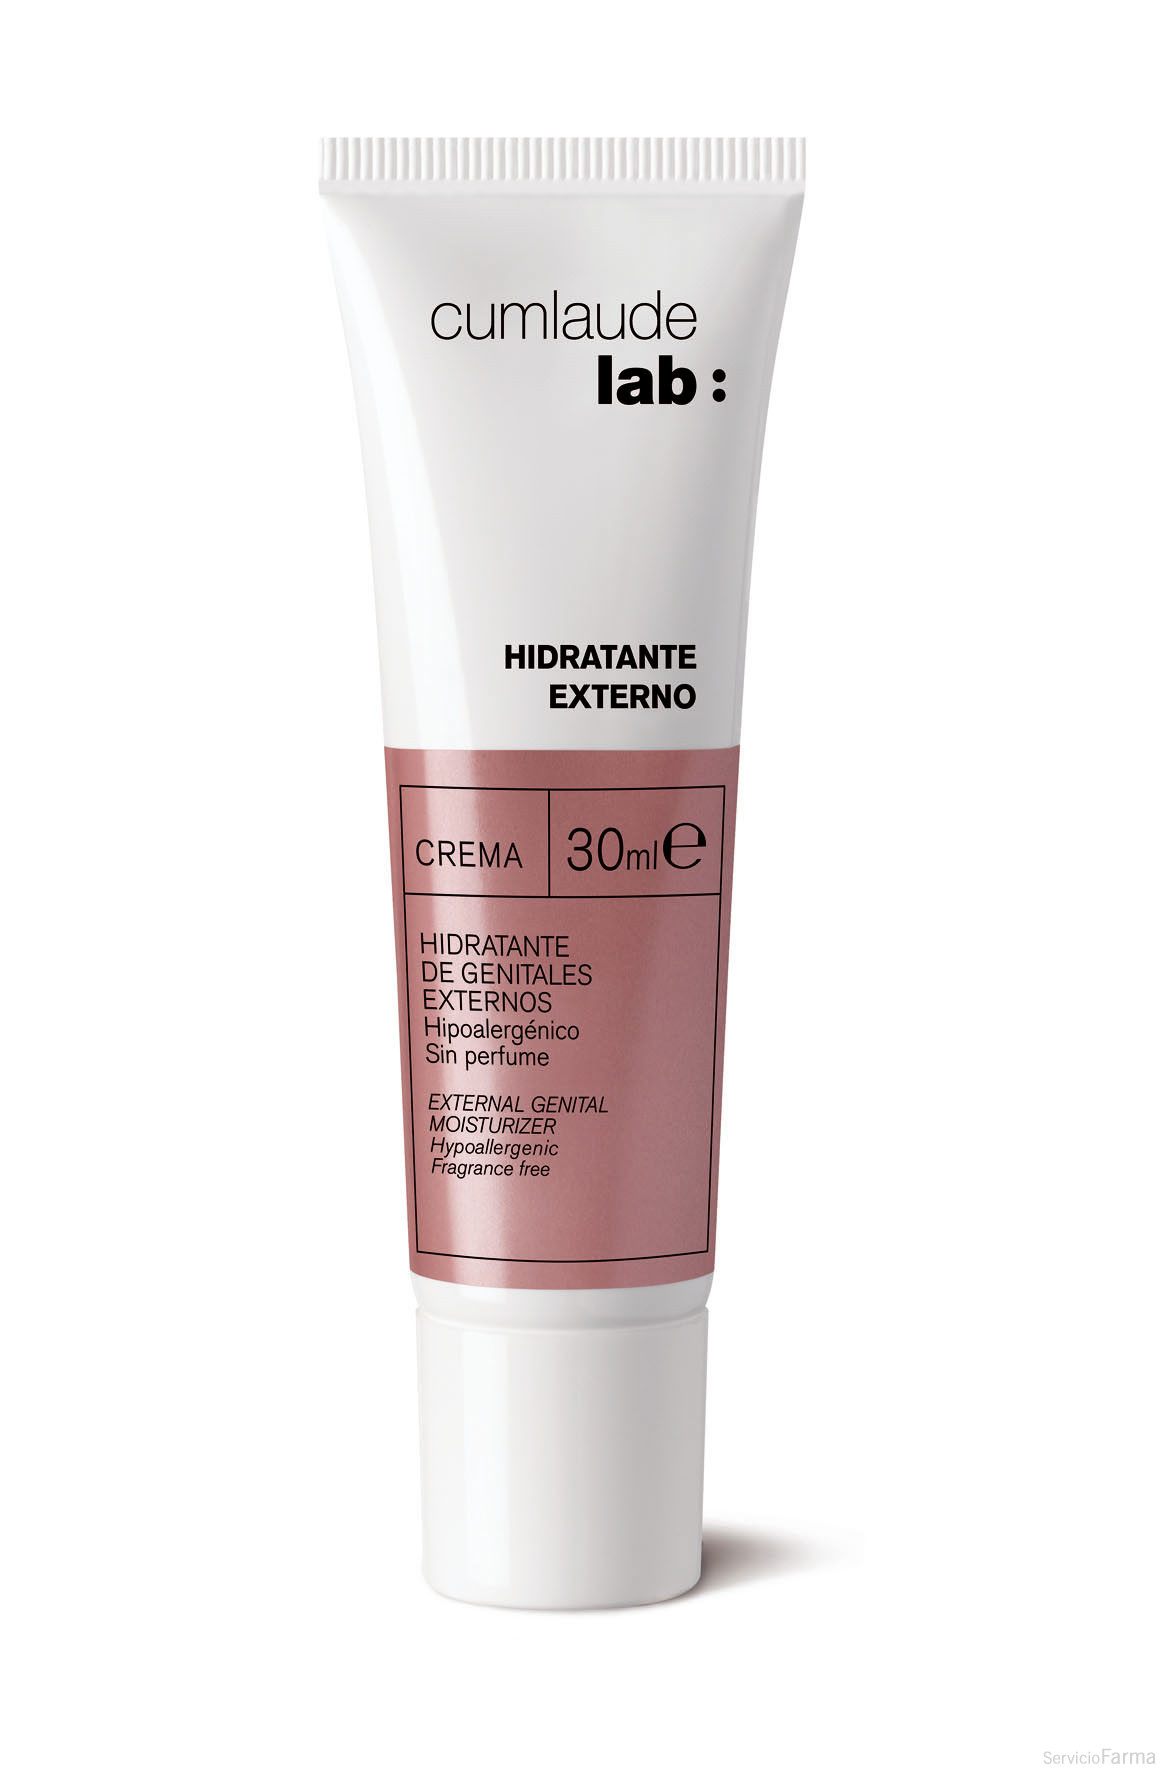 Cumlaude Hidratante Externo Crema 30 ml